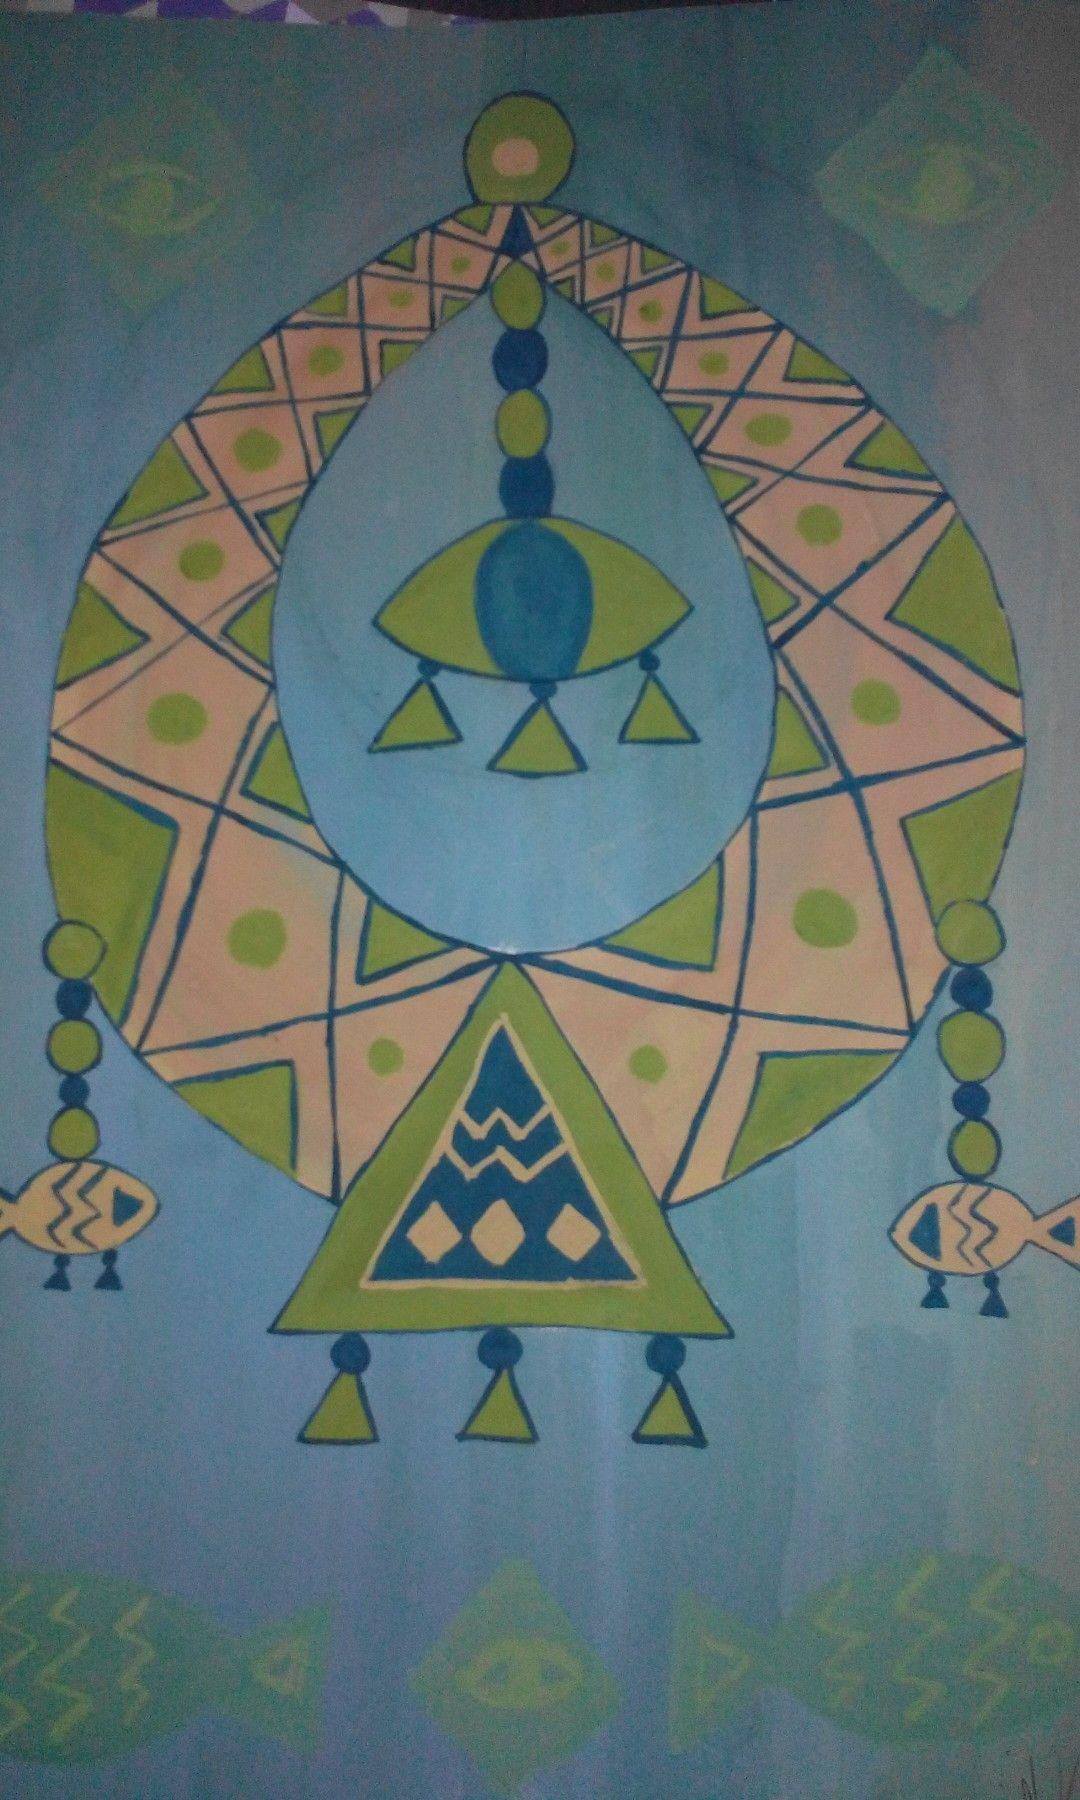 لوحة مستوحاه من الفن الشعبي المصري الوان جواش Egyptian Art Folklore Art Poster Prints